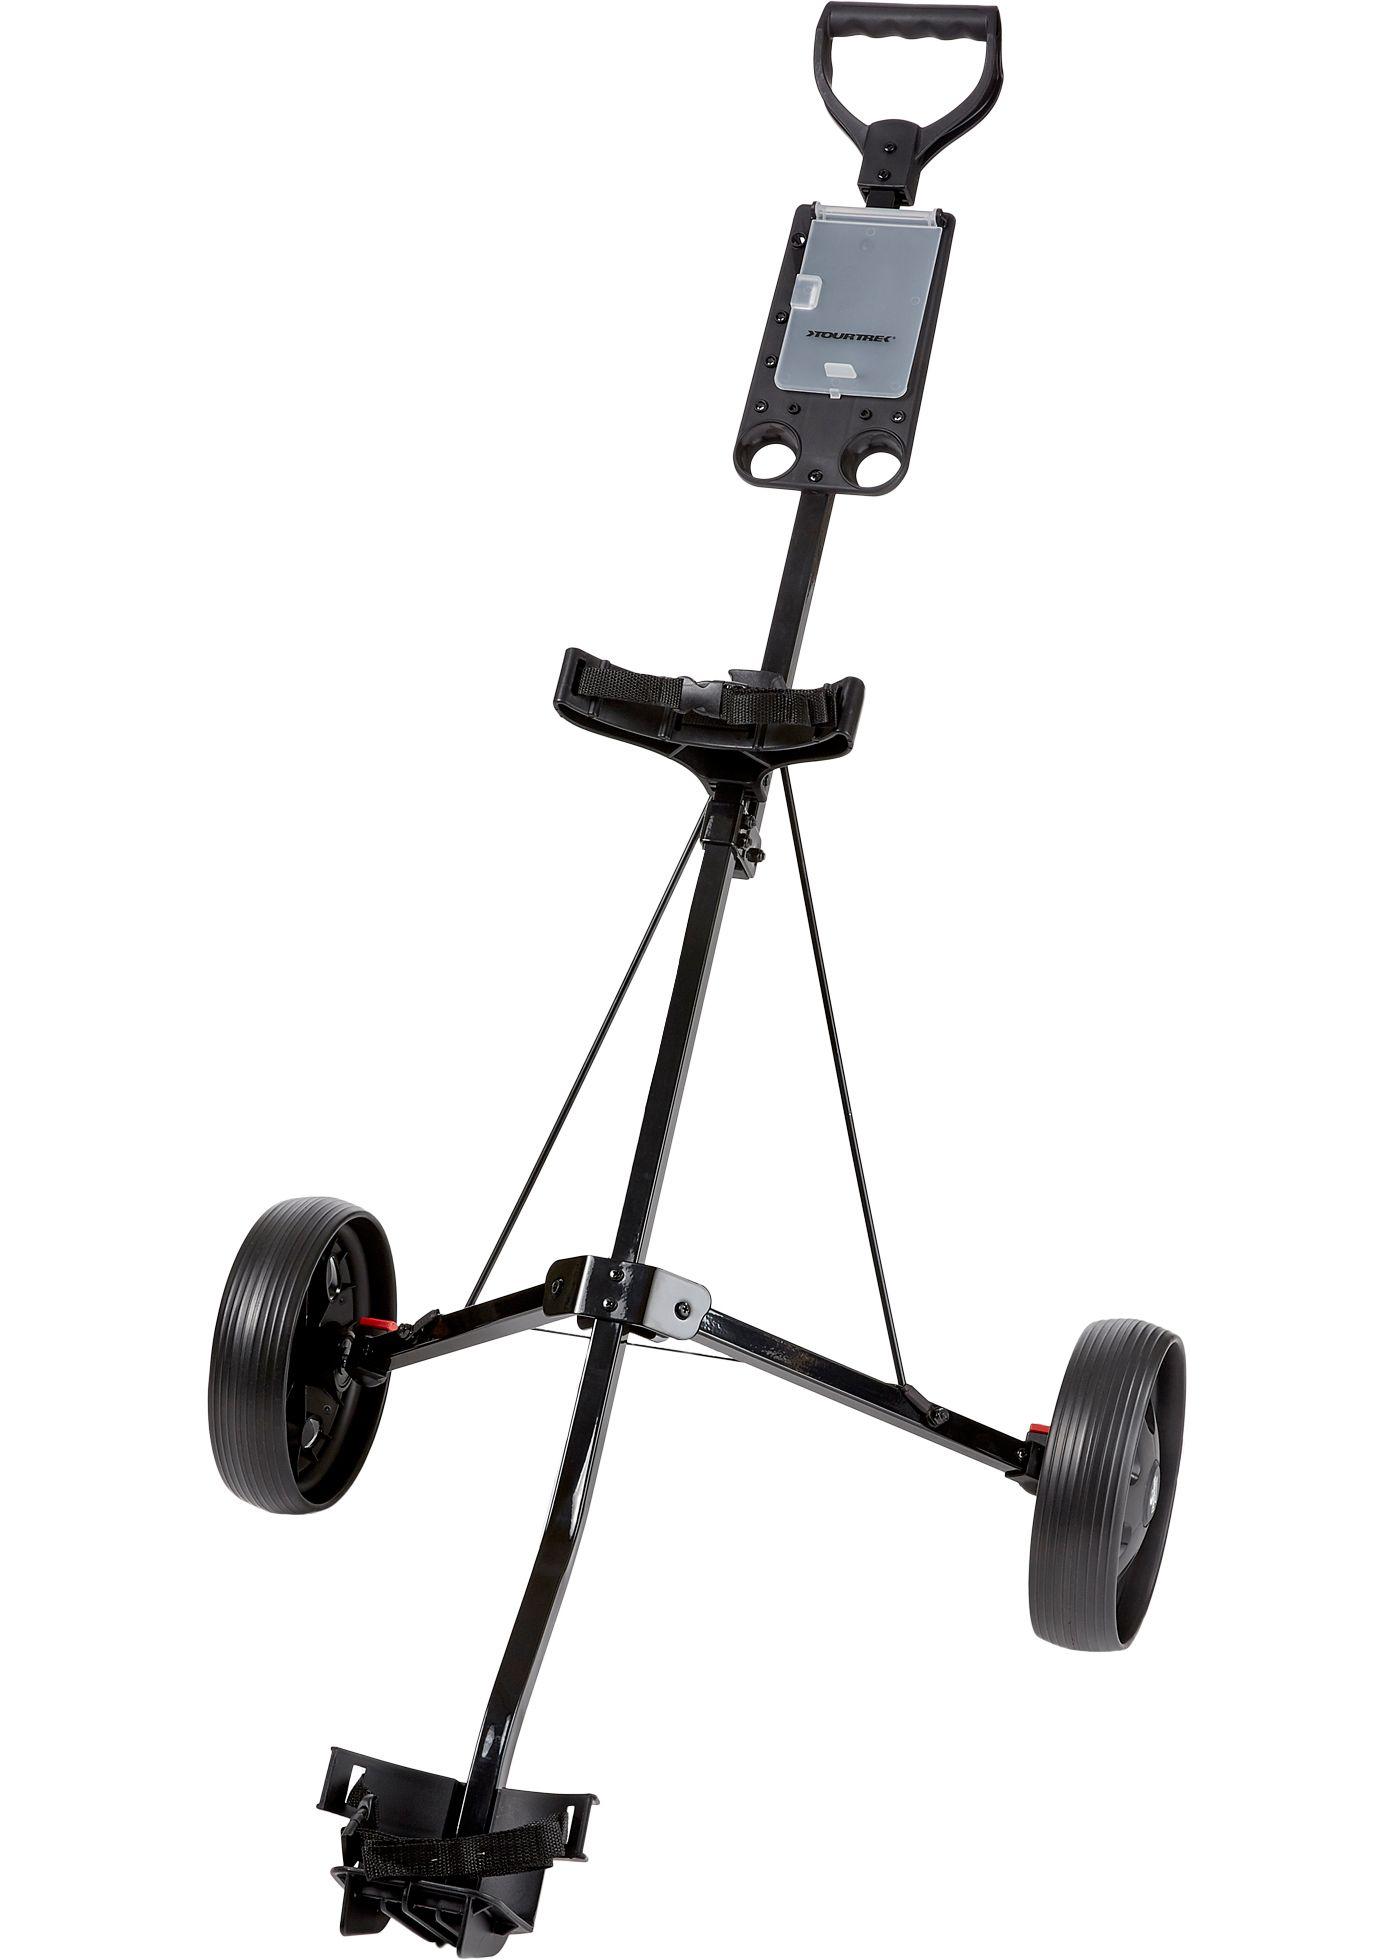 TourTrek 2018 2-Wheel Push Cart